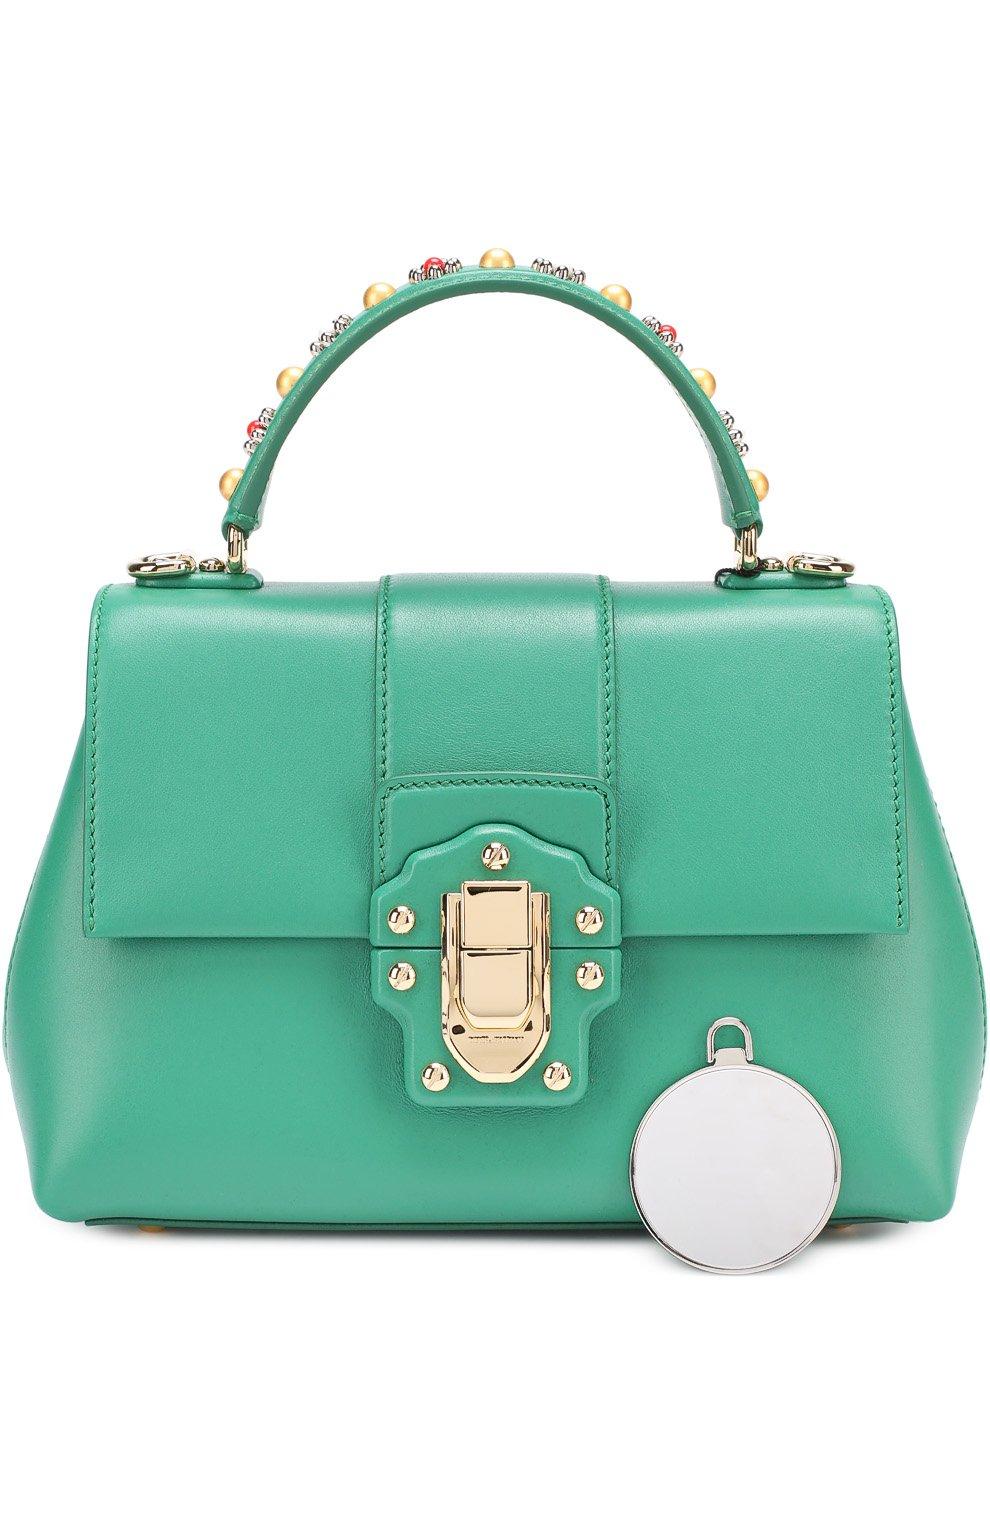 Сумка Lucia small с декорированной ручкой Dolce & Gabbana зеленая цвета | Фото №6